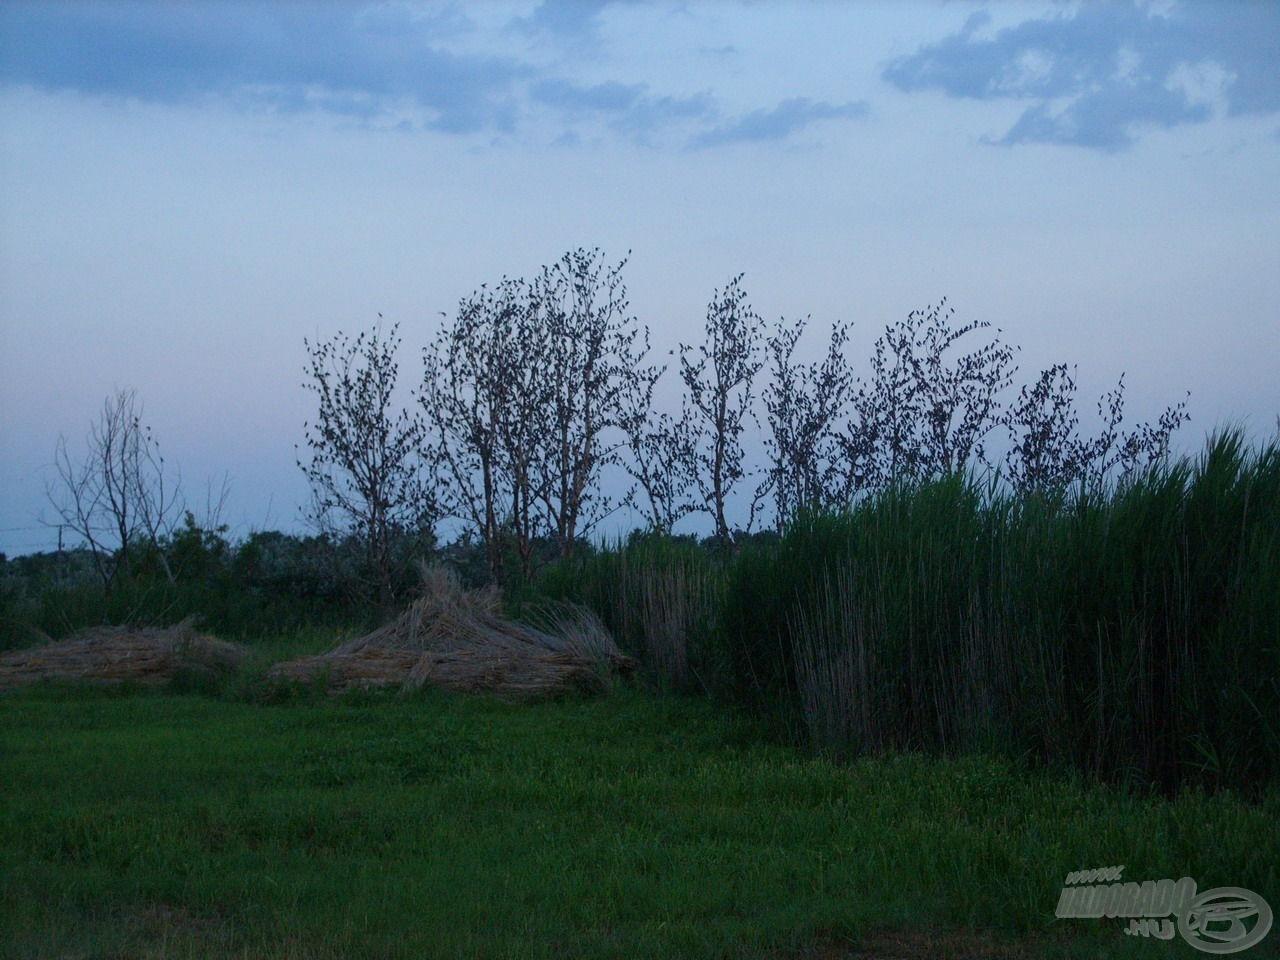 A mögöttem álló kopár fák ágai estére megteltek a pihenni vágyó seregélyek hadával